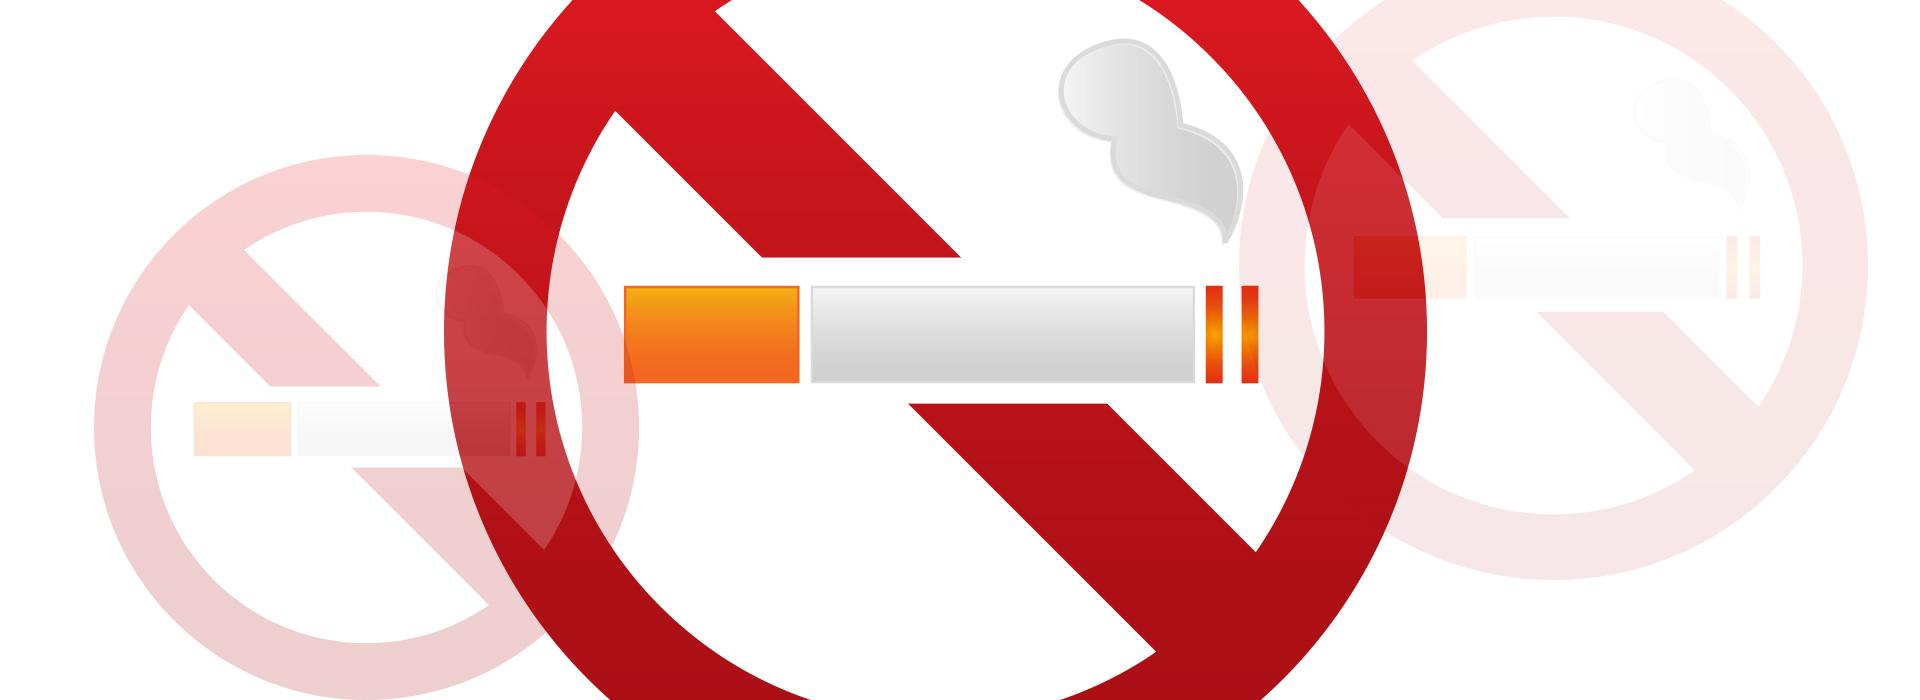 Prevención y tratamiento del tabaquismo desde la Oficina de Farmacia